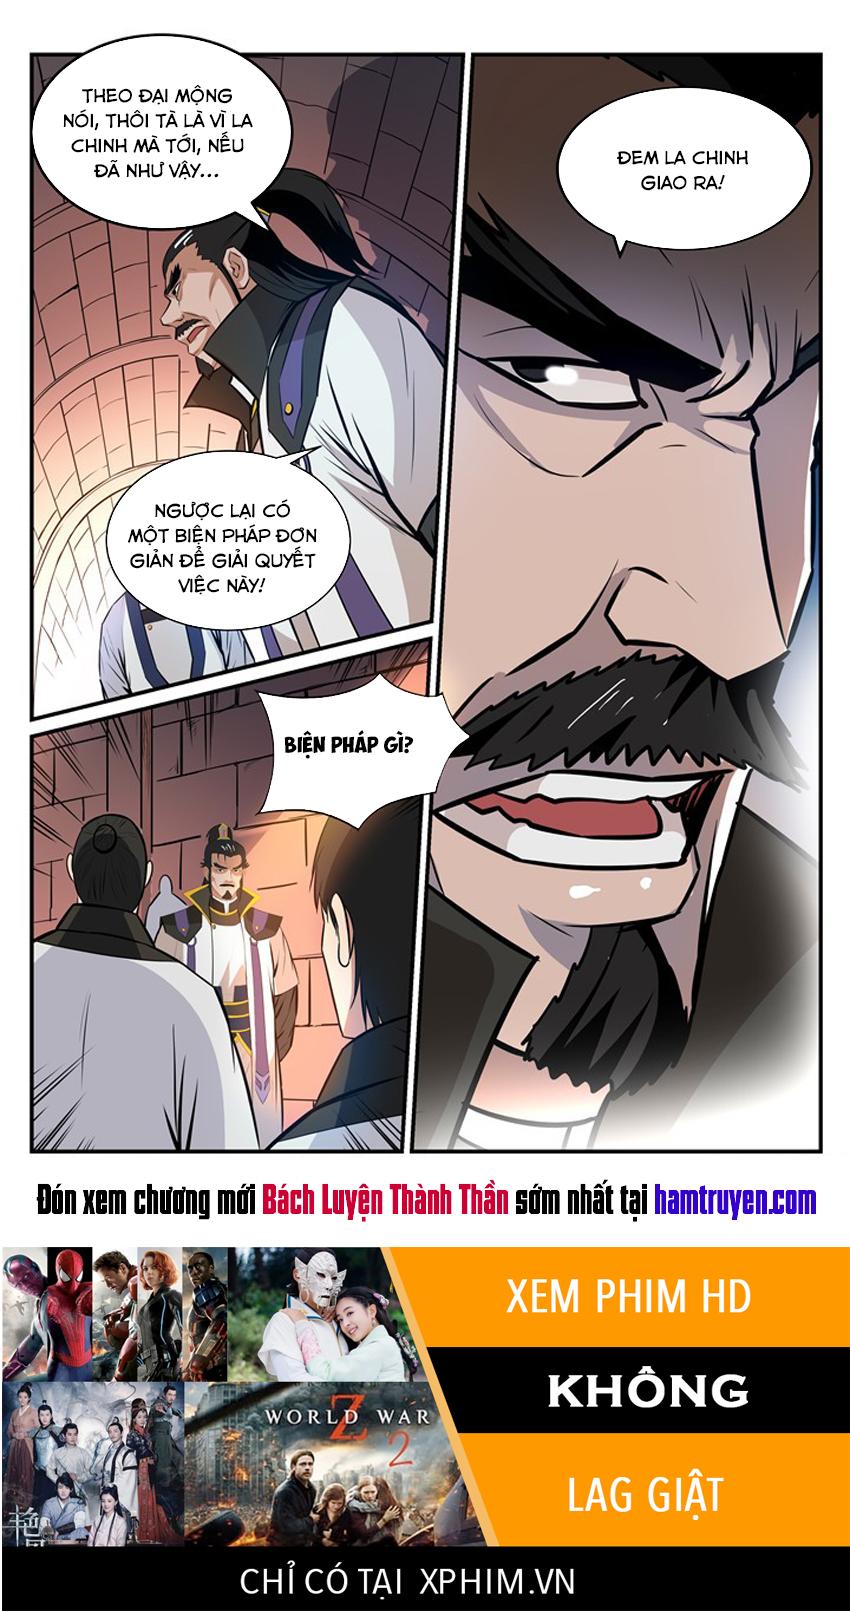 Bách Luyện Thành Thần Chapter 192 trang 17 - CungDocTruyen.com